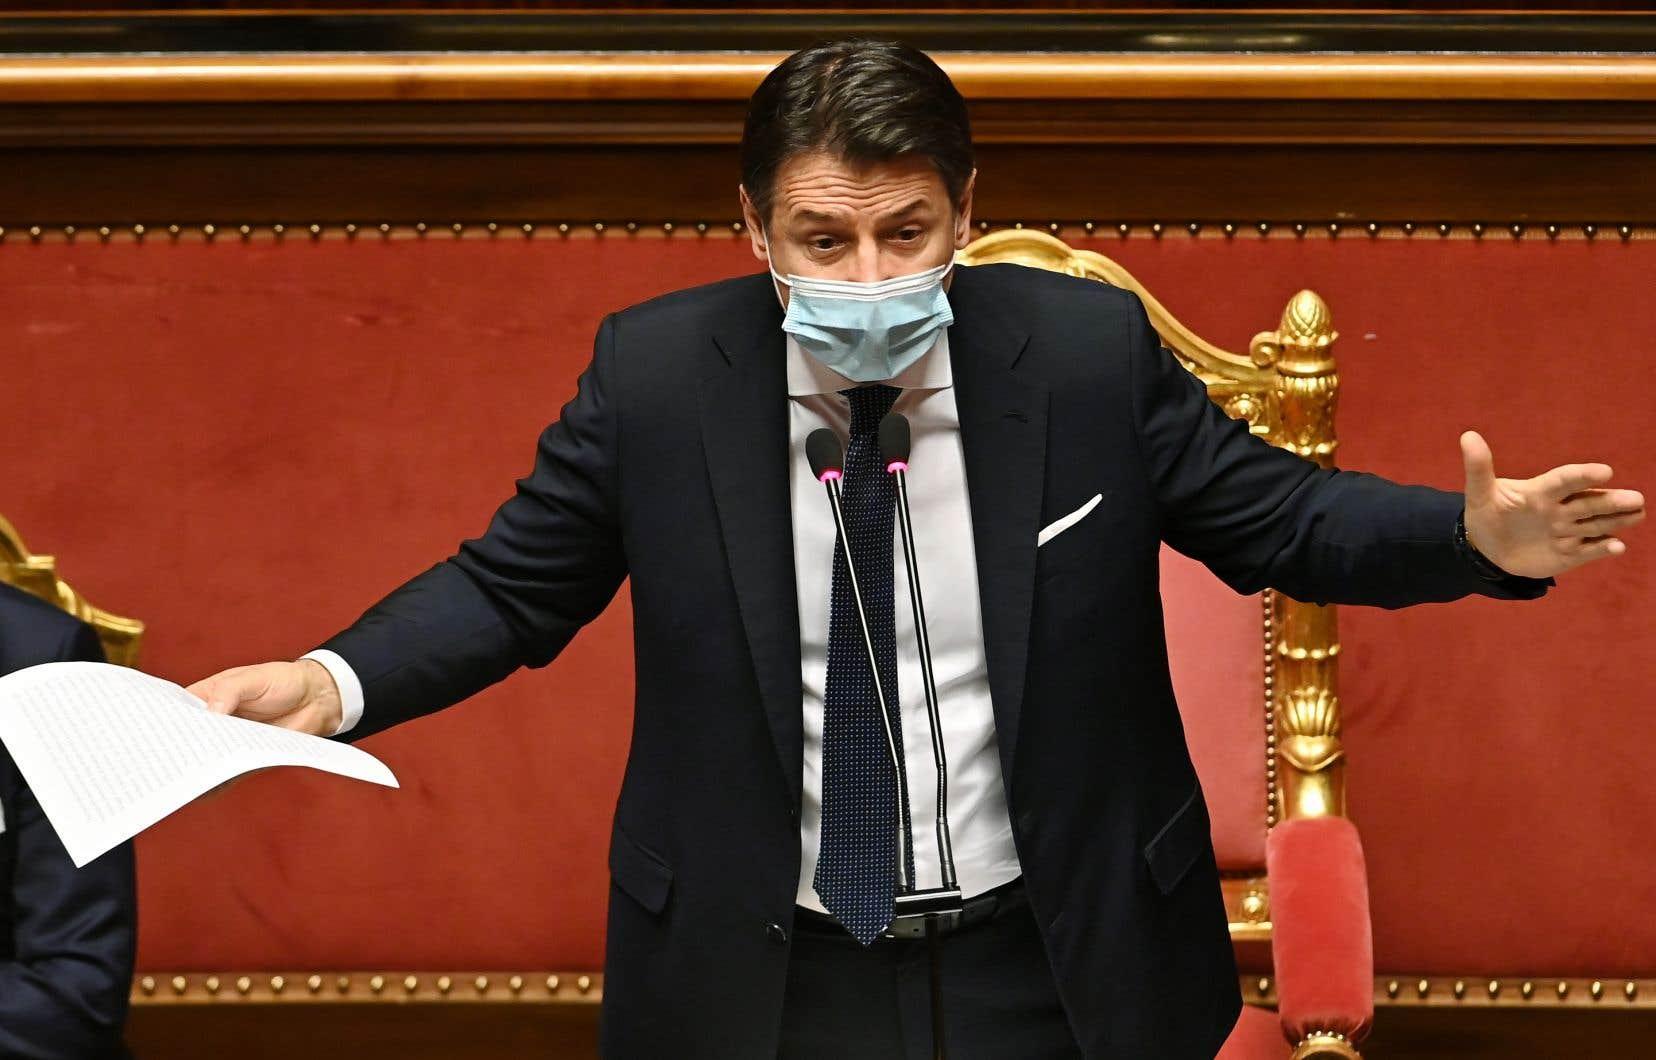 Le premier ministre Giuseppe Conte a présenté mardi sa démission, faute de majorité au parlement.